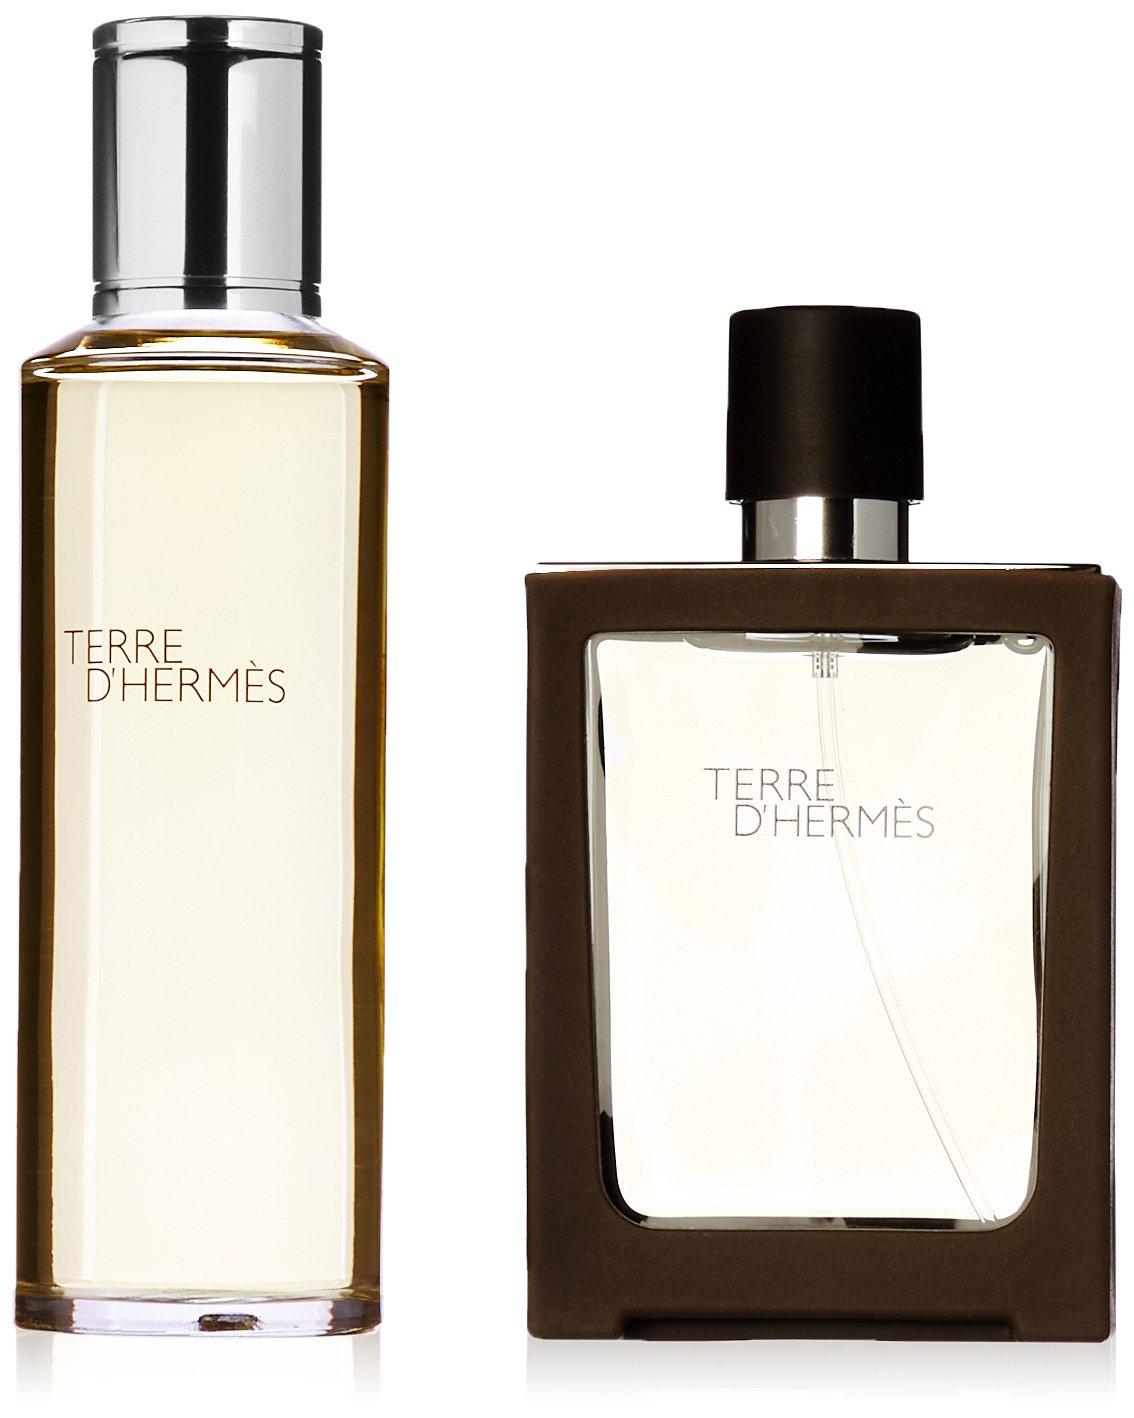 Hermes Terre D' for Men 2 Pc. Gift Set (Edt Refill 4.2-Ounce Plus Edt Spray Refillable 1.0-Ounce) HERME26023